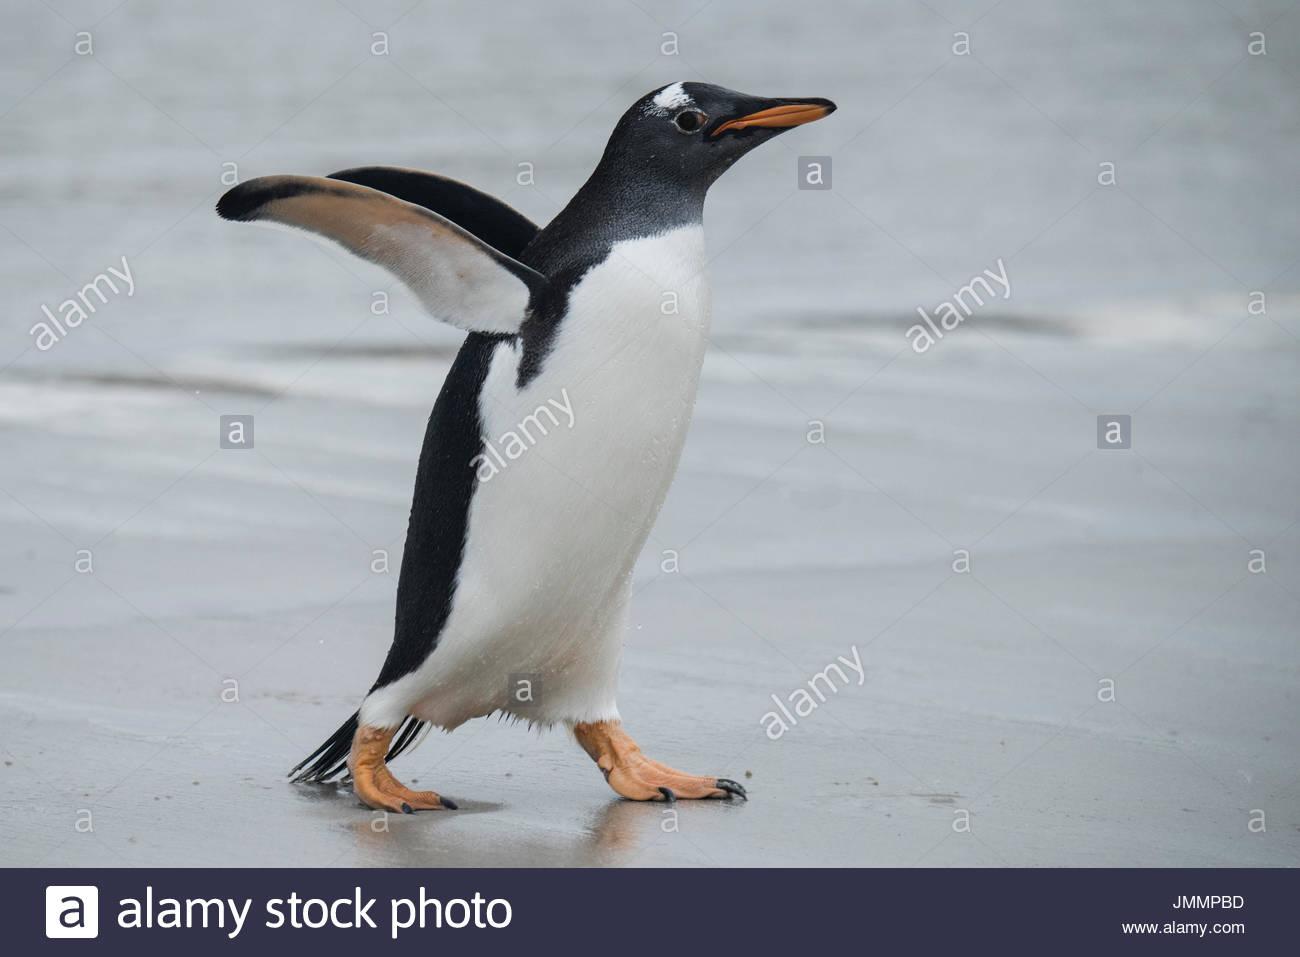 A Gentoo penguin walks across wet sand. - Stock Image